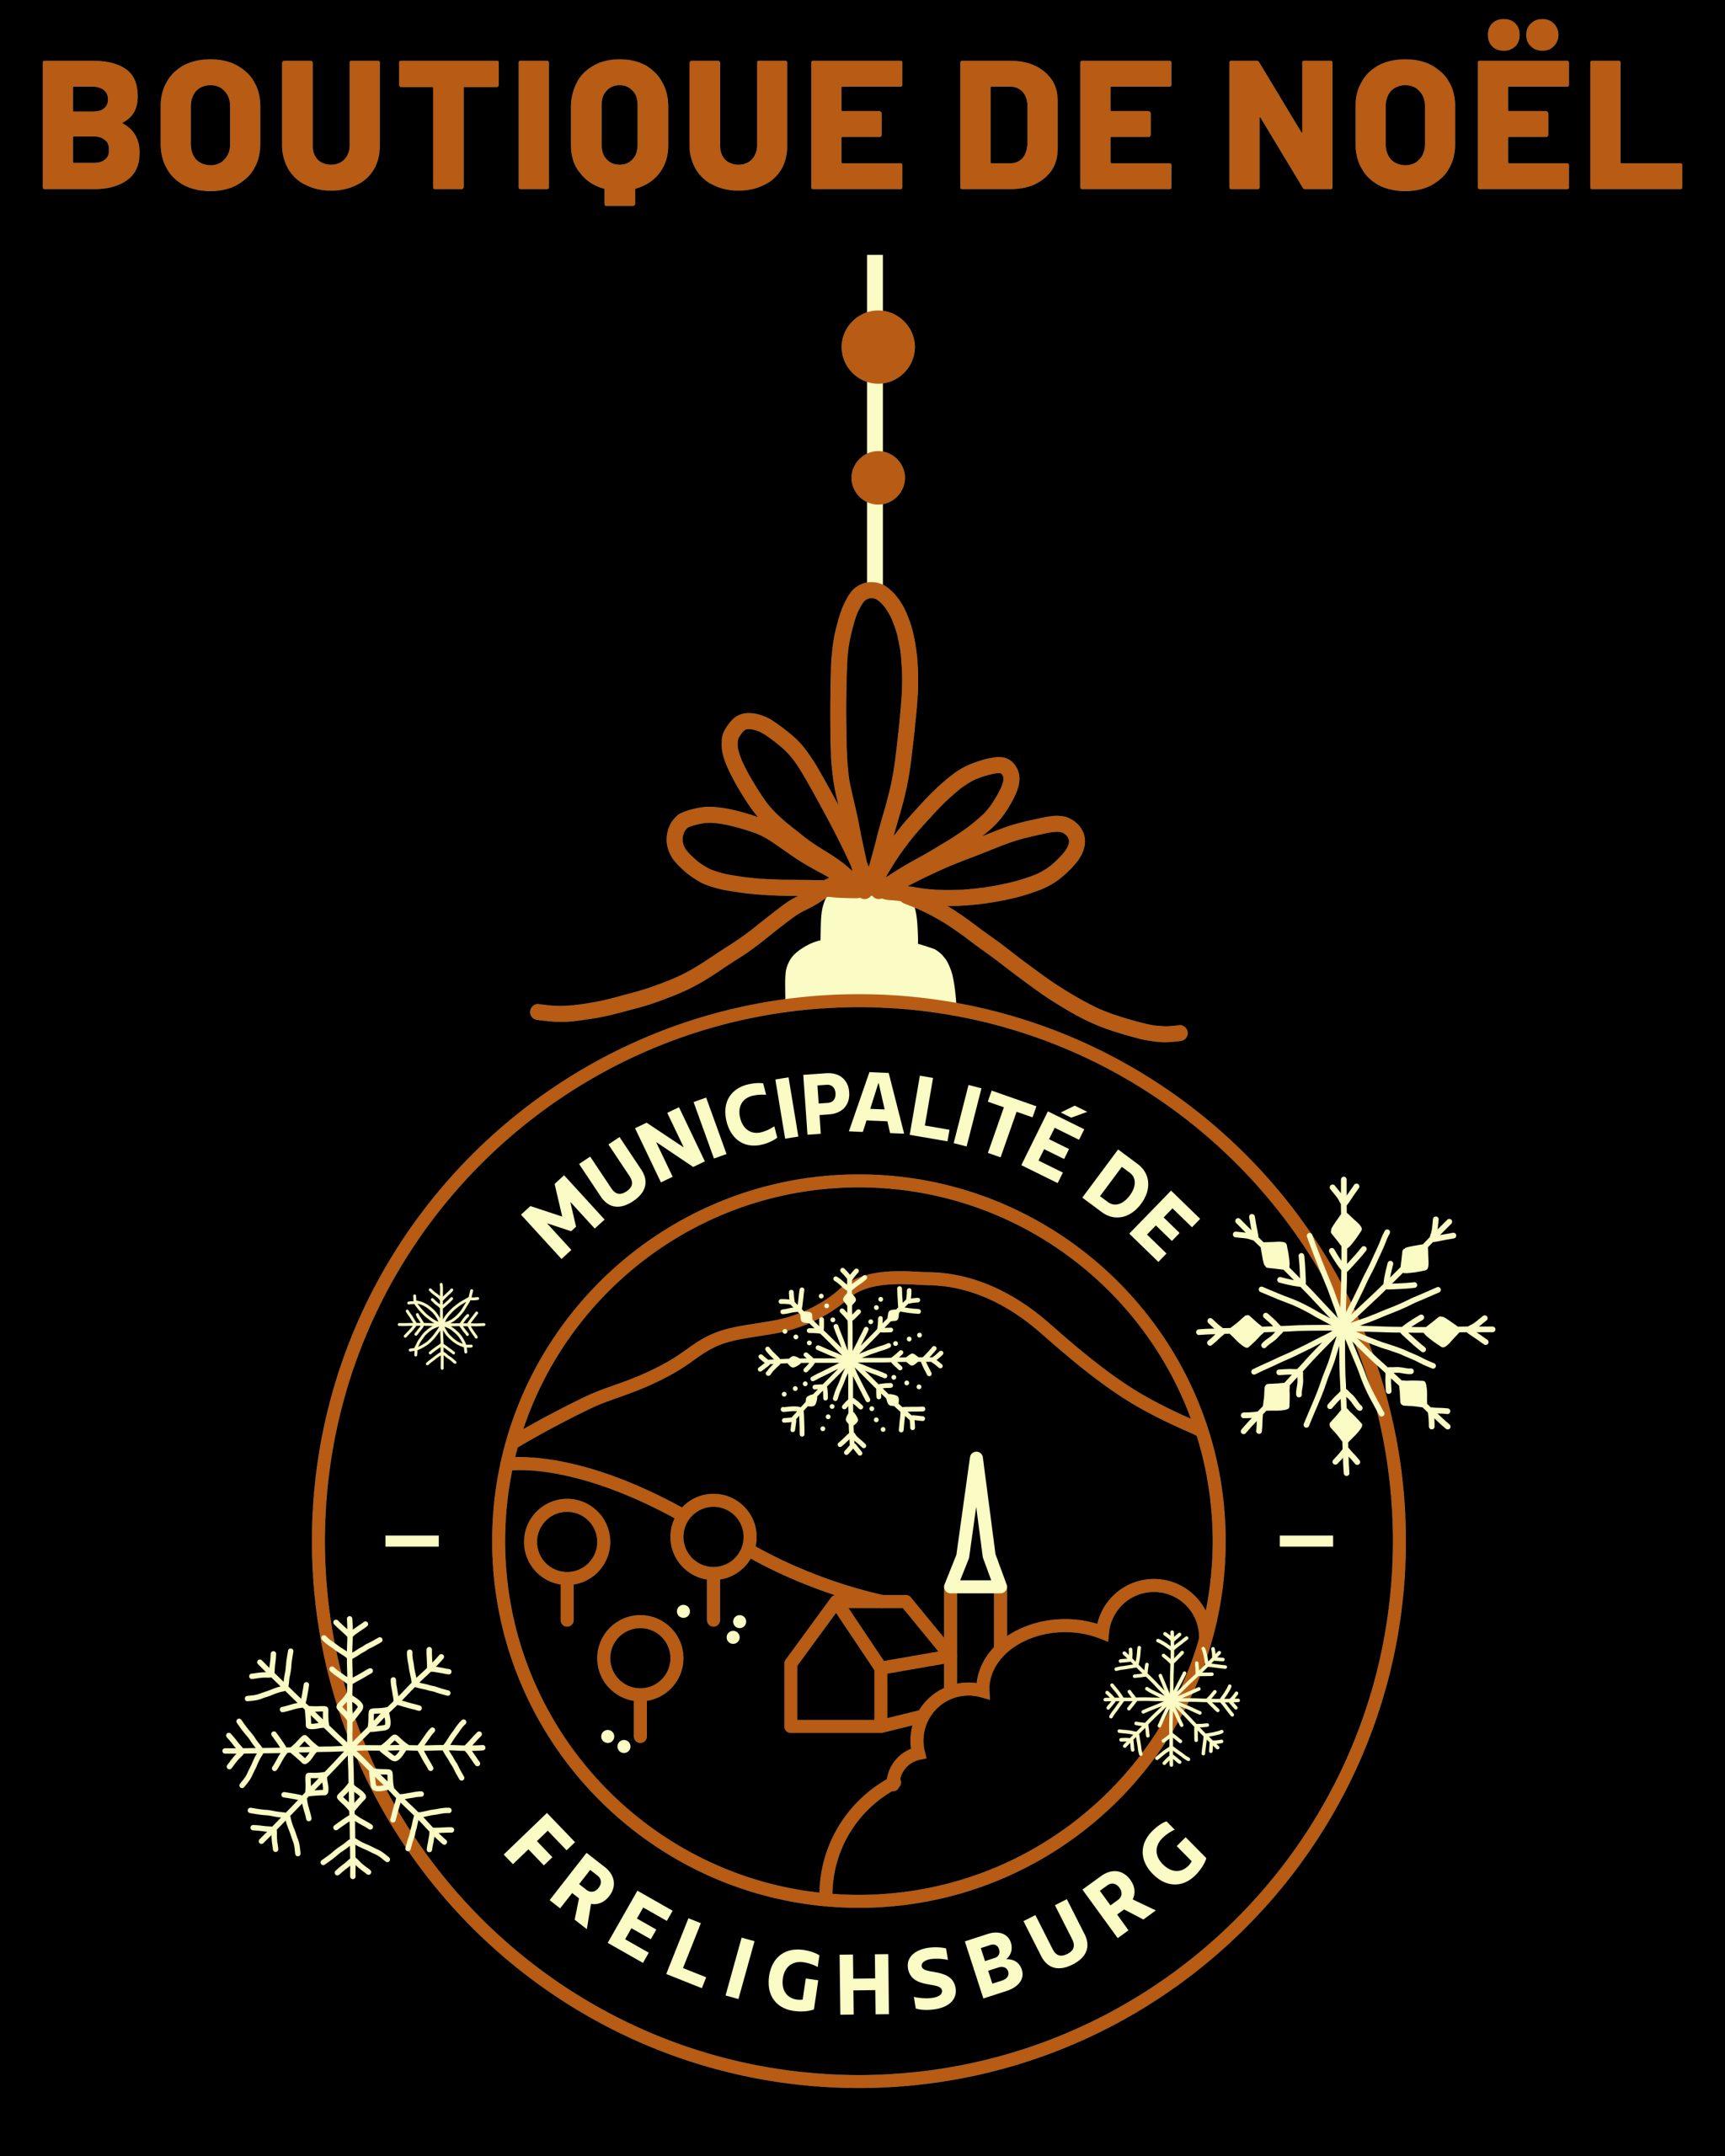 BOUTIQUE DE NOEL - 5,6/12,13/19,20 décembre 2020